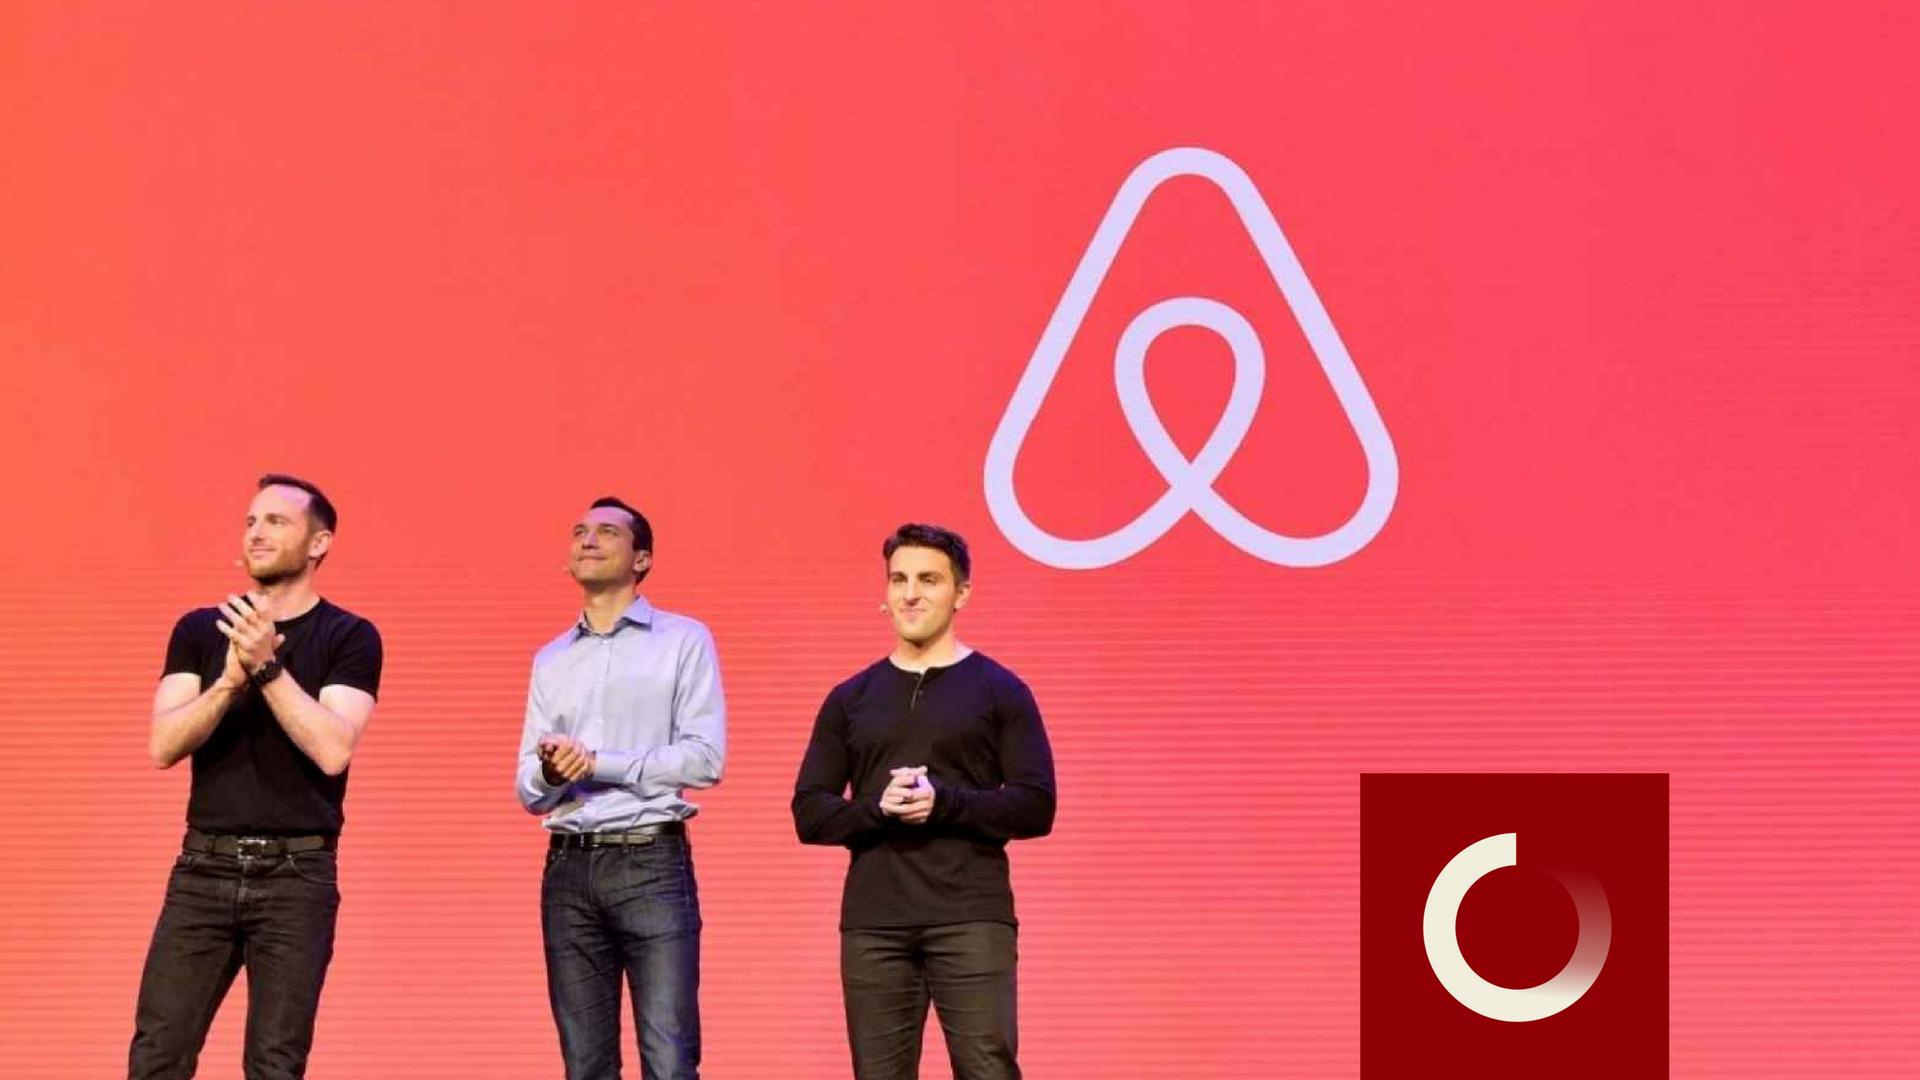 Co-fondatorii companiei Airbnb nu ar recomanda altor start-up-uri să facă ceea ce au făcut ei